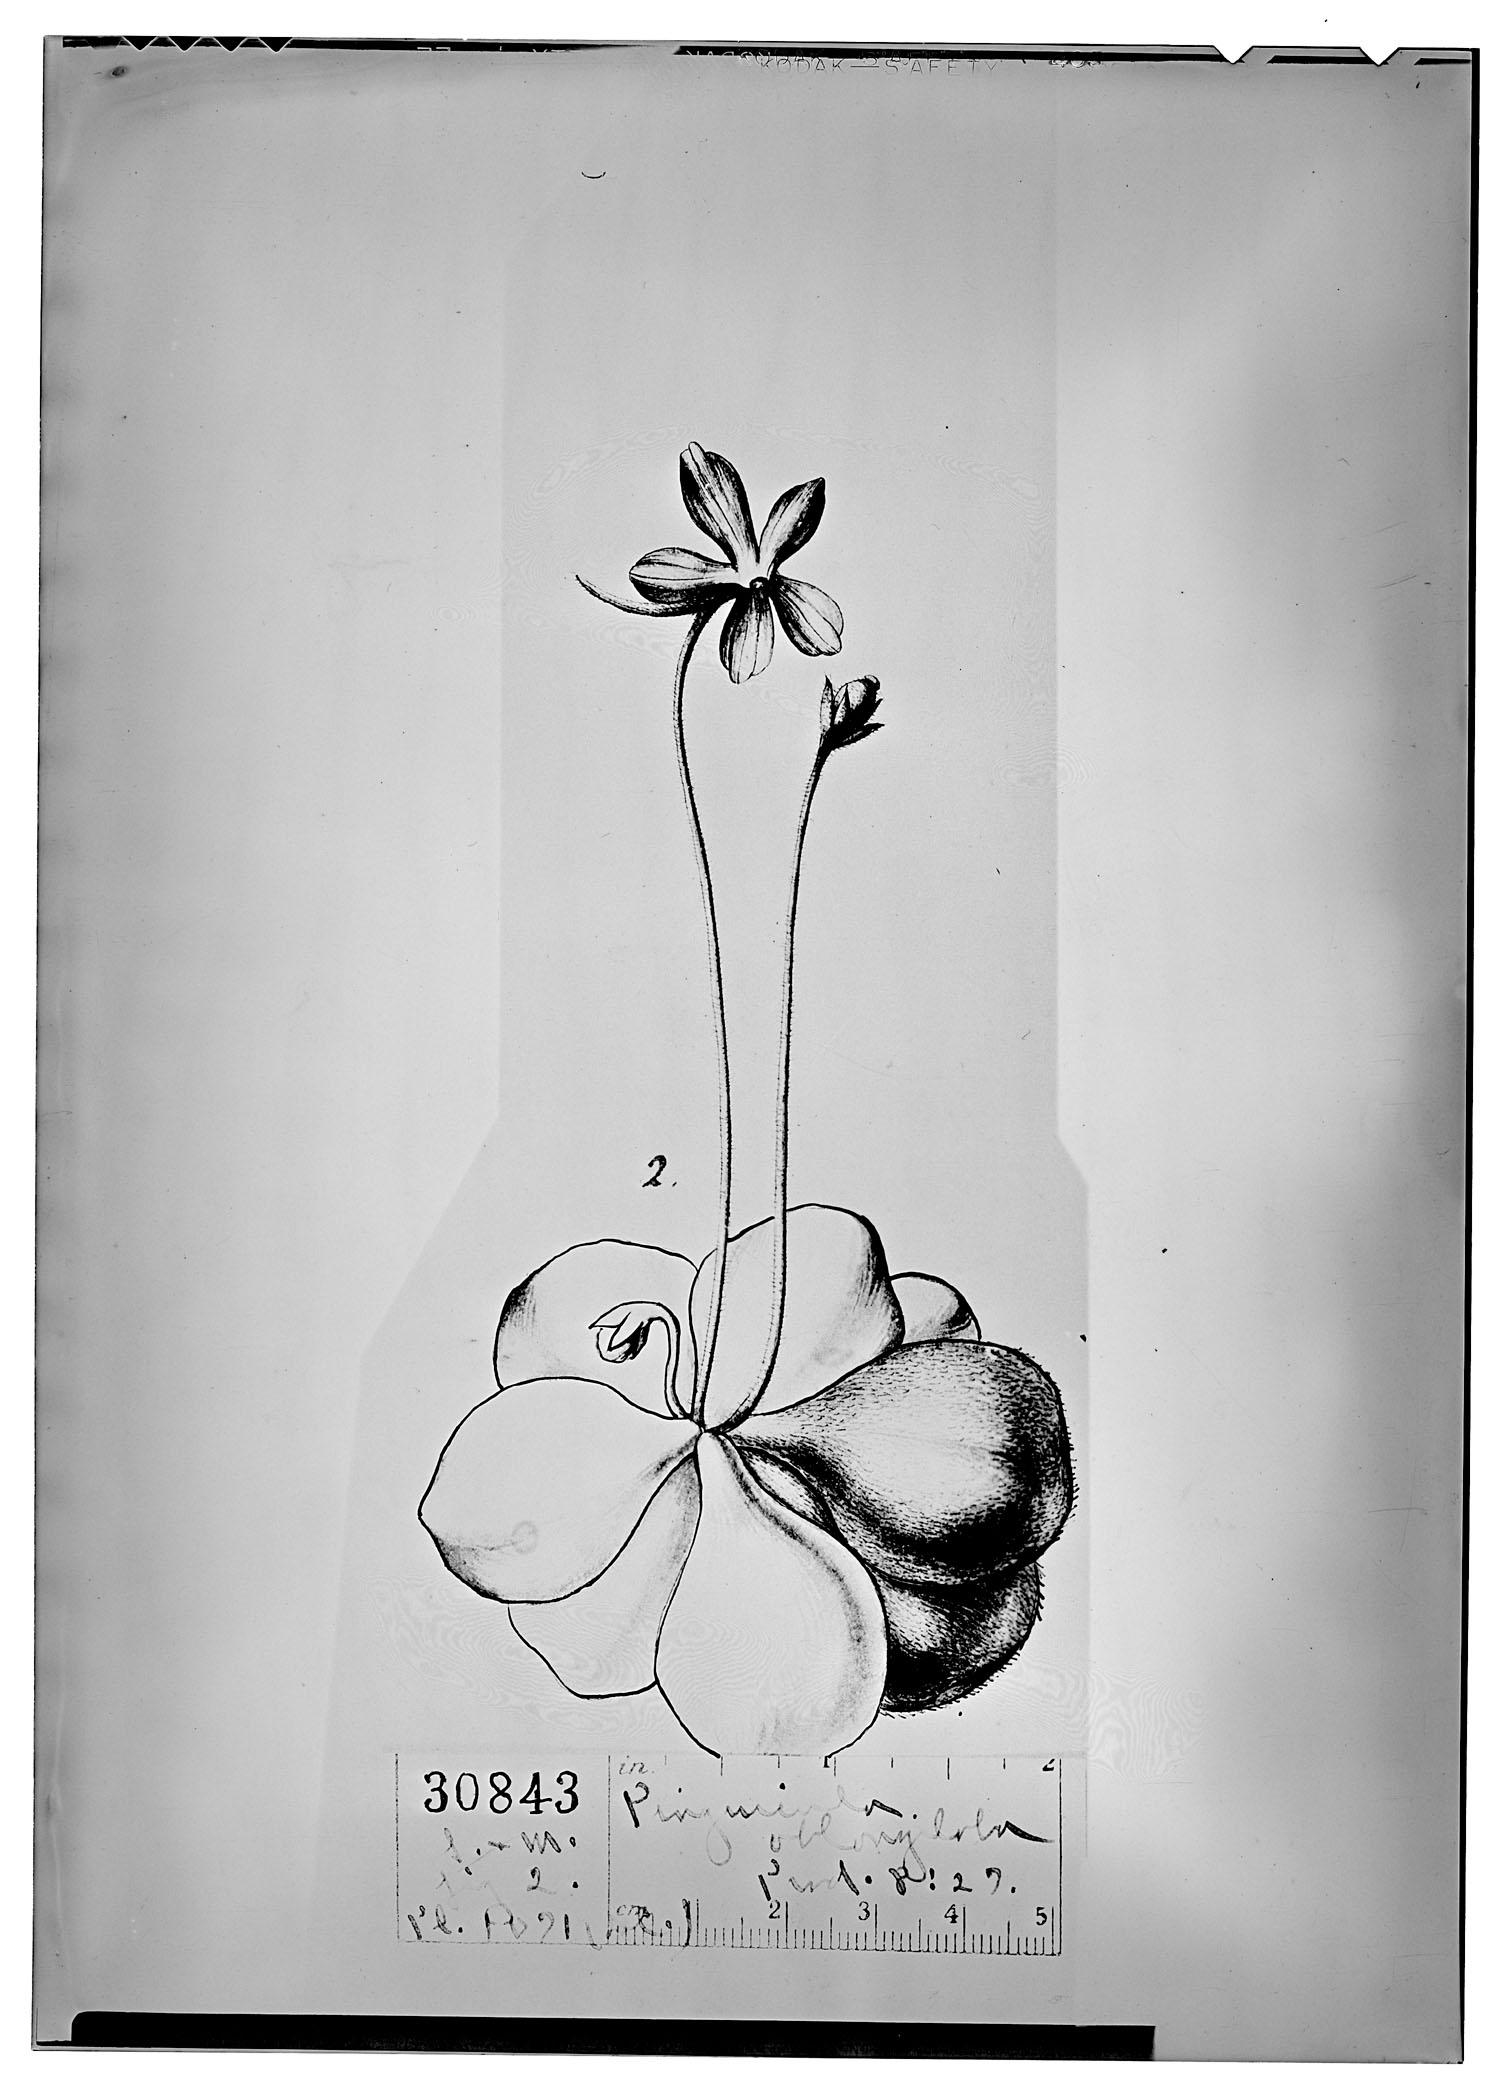 Pinguicula oblongiloba image